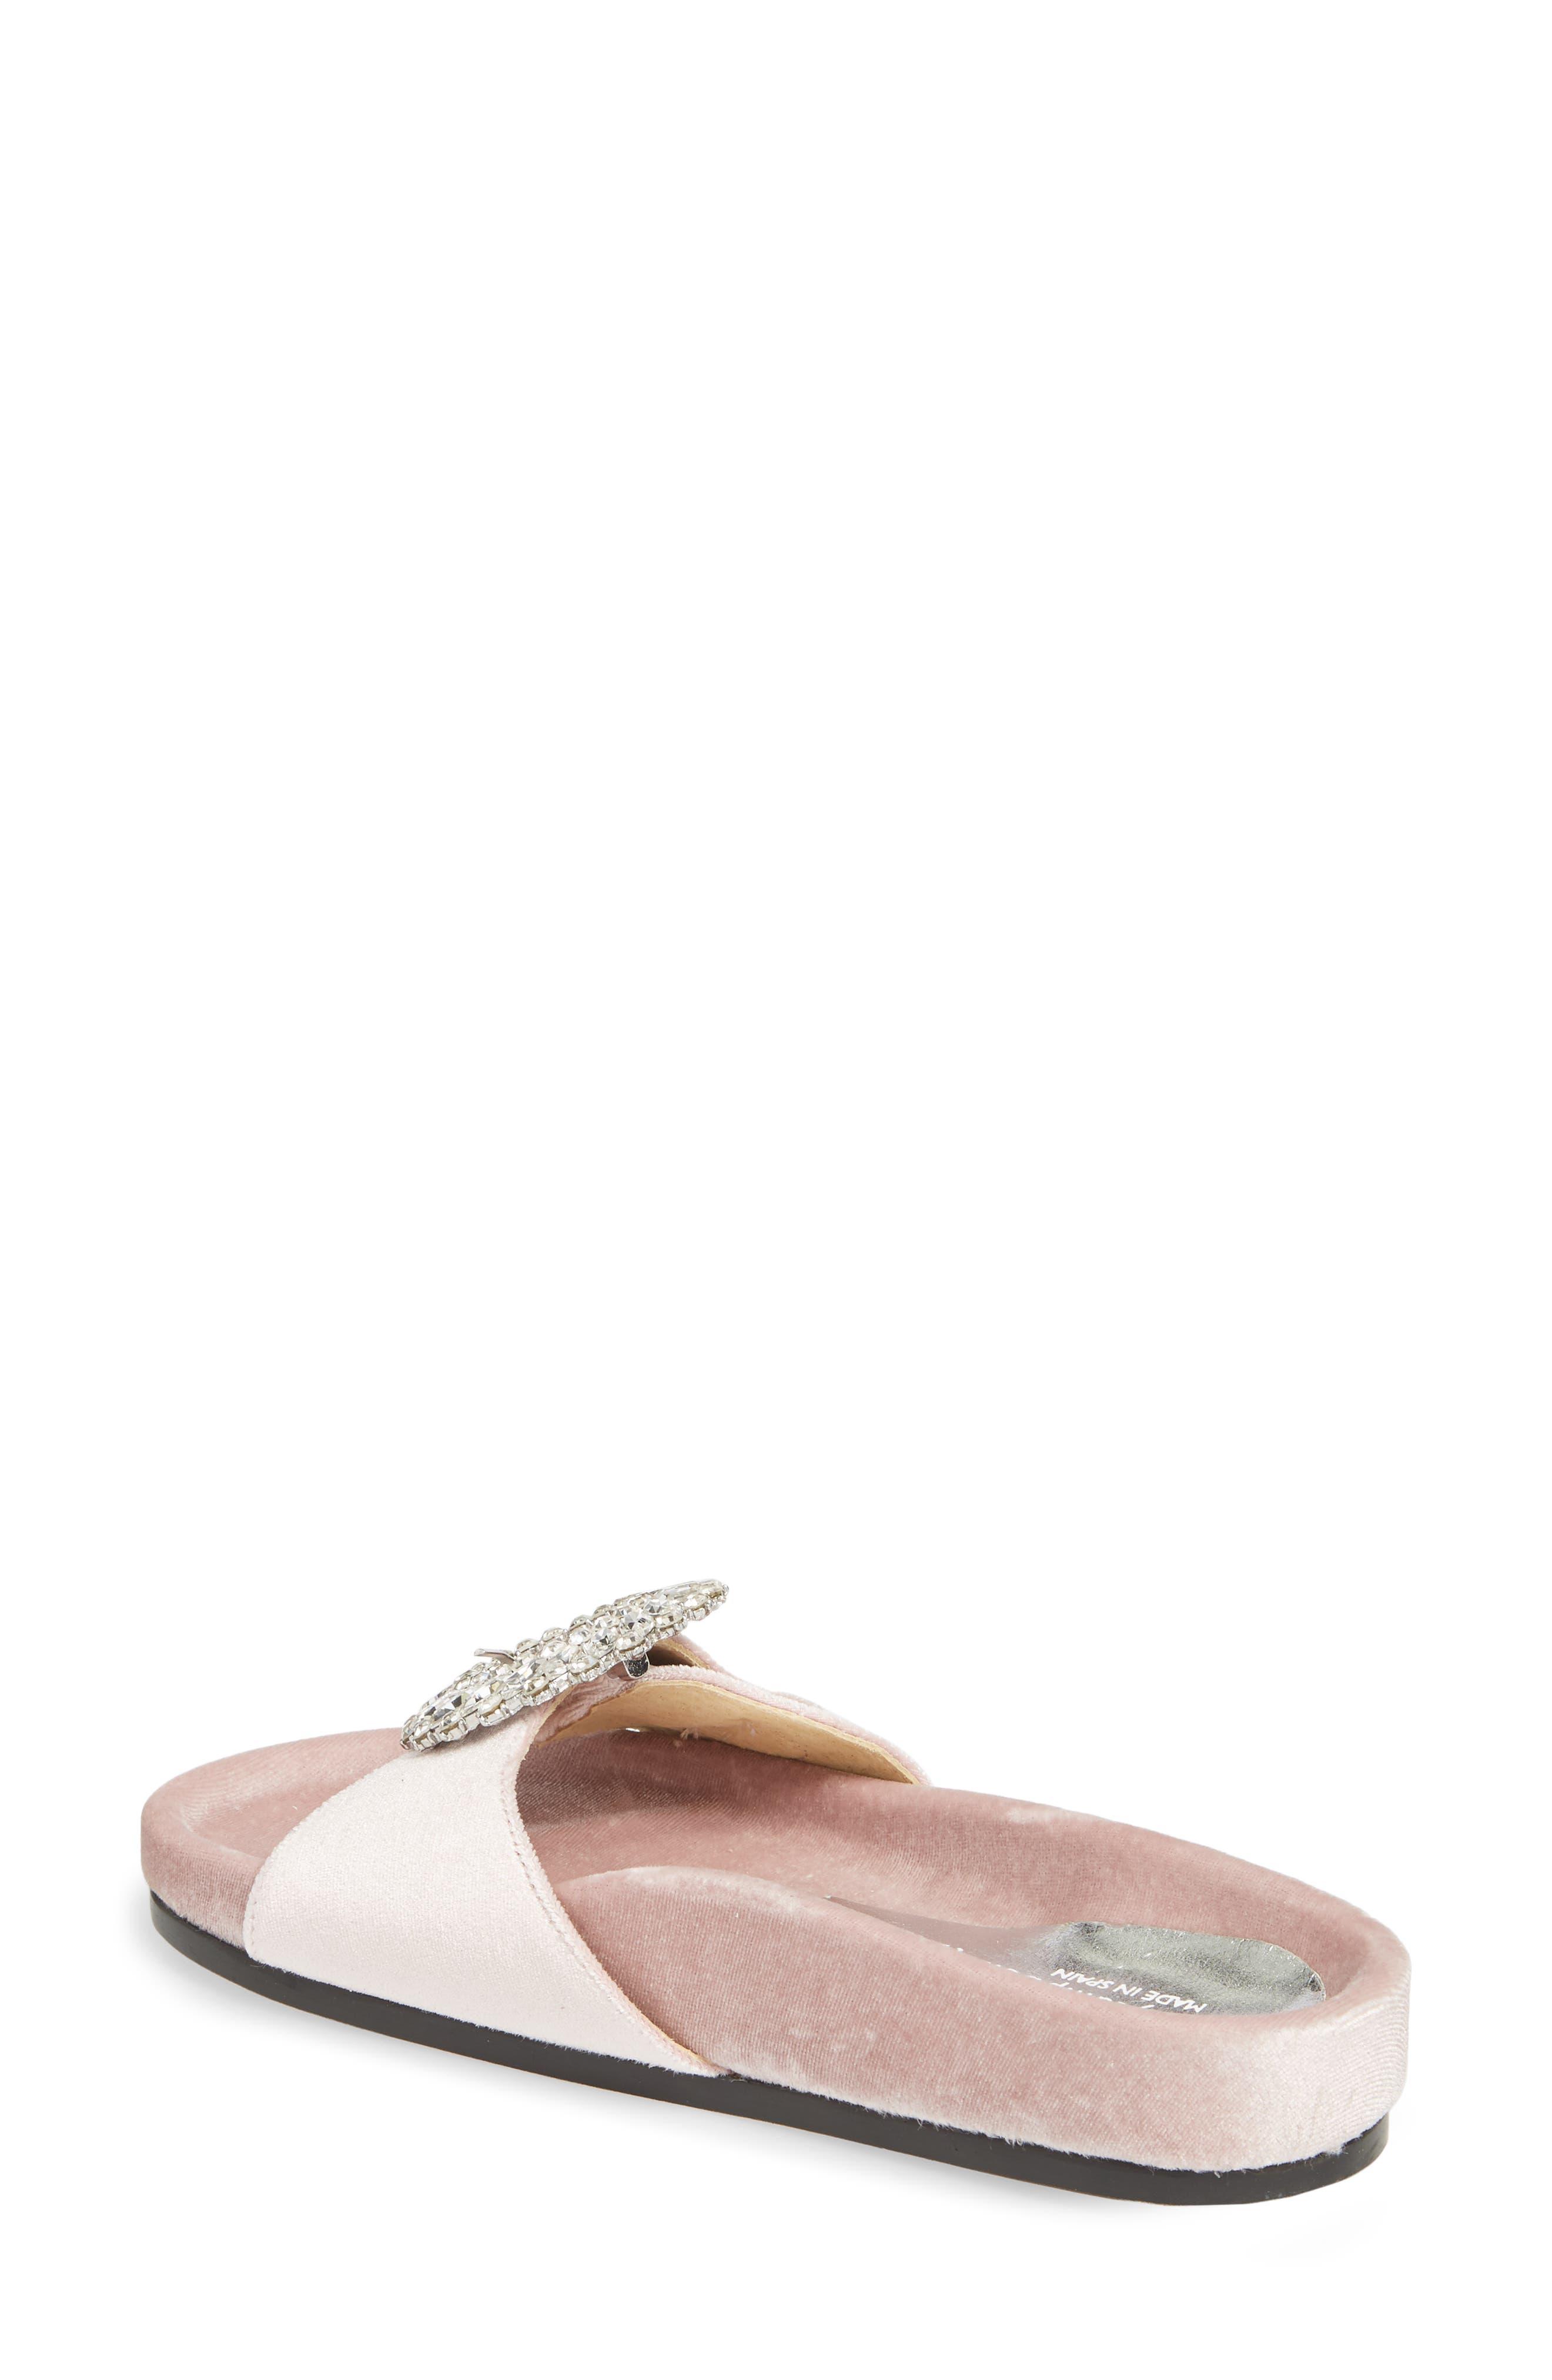 Upolu Embellished Slide Sandal,                             Alternate thumbnail 2, color,                             Blush Velvet/ Silver